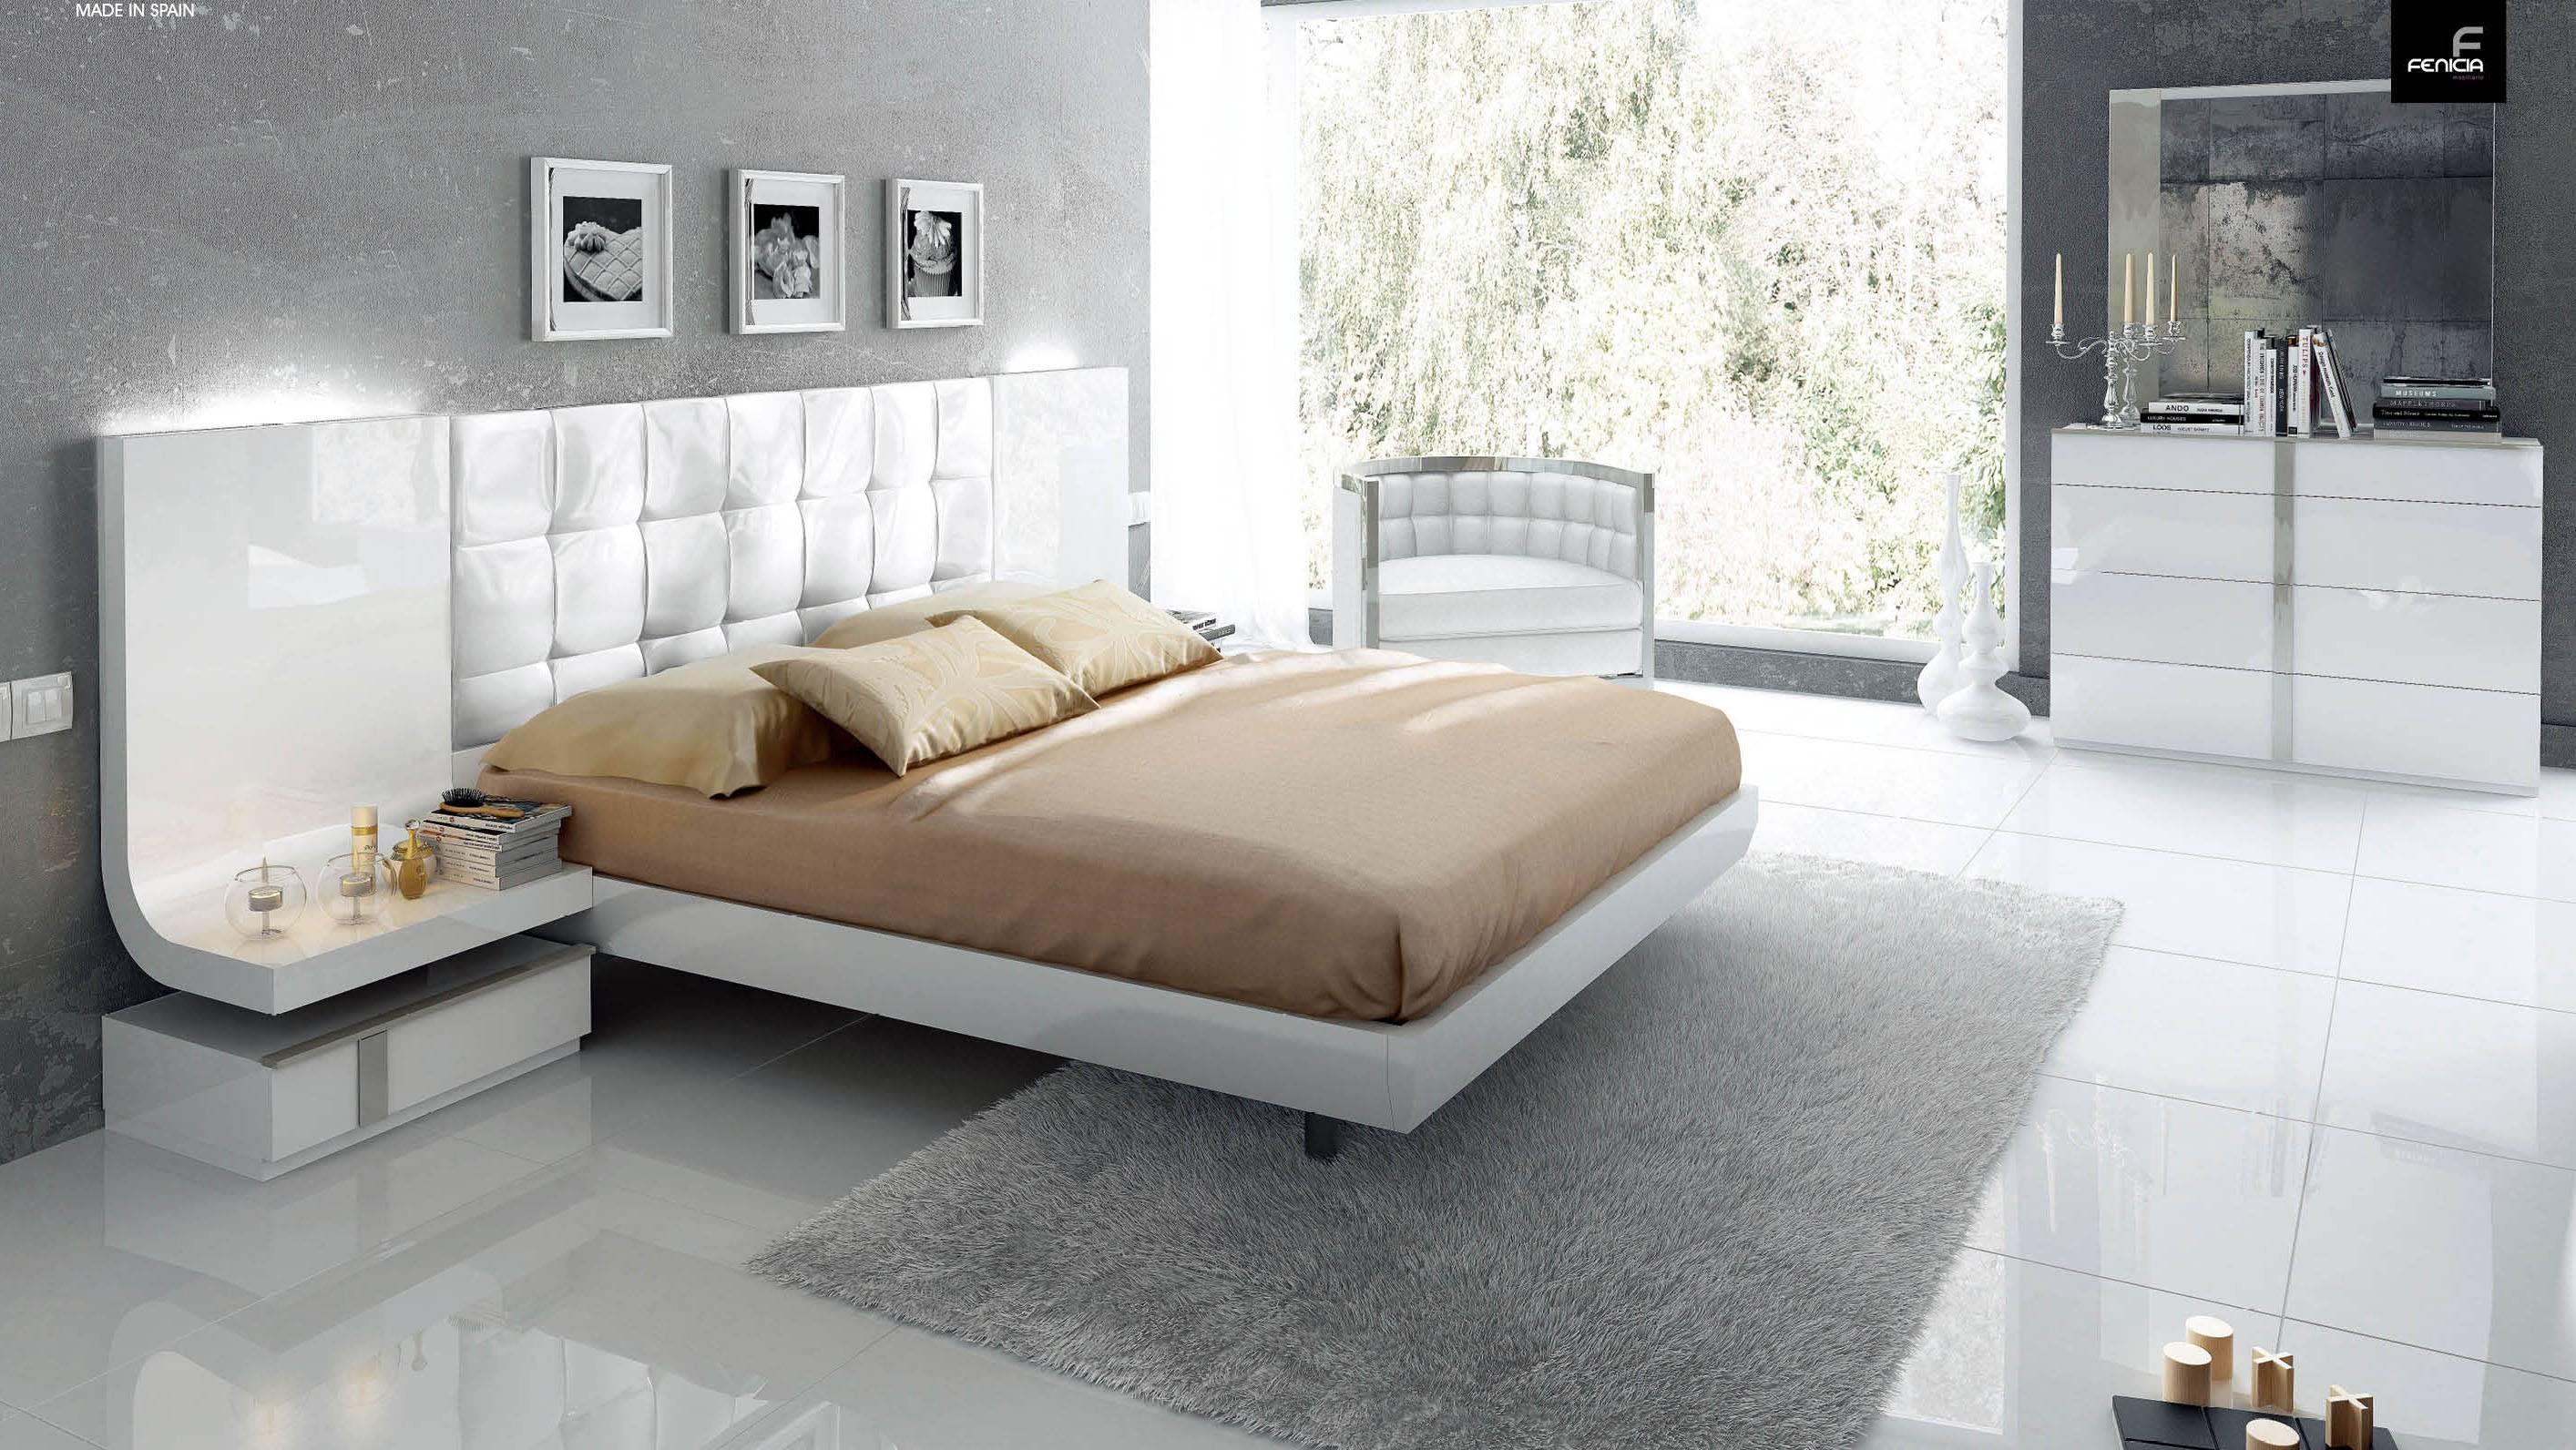 Stylish Wood Elite Modern Bedroom Set With Extra Storage